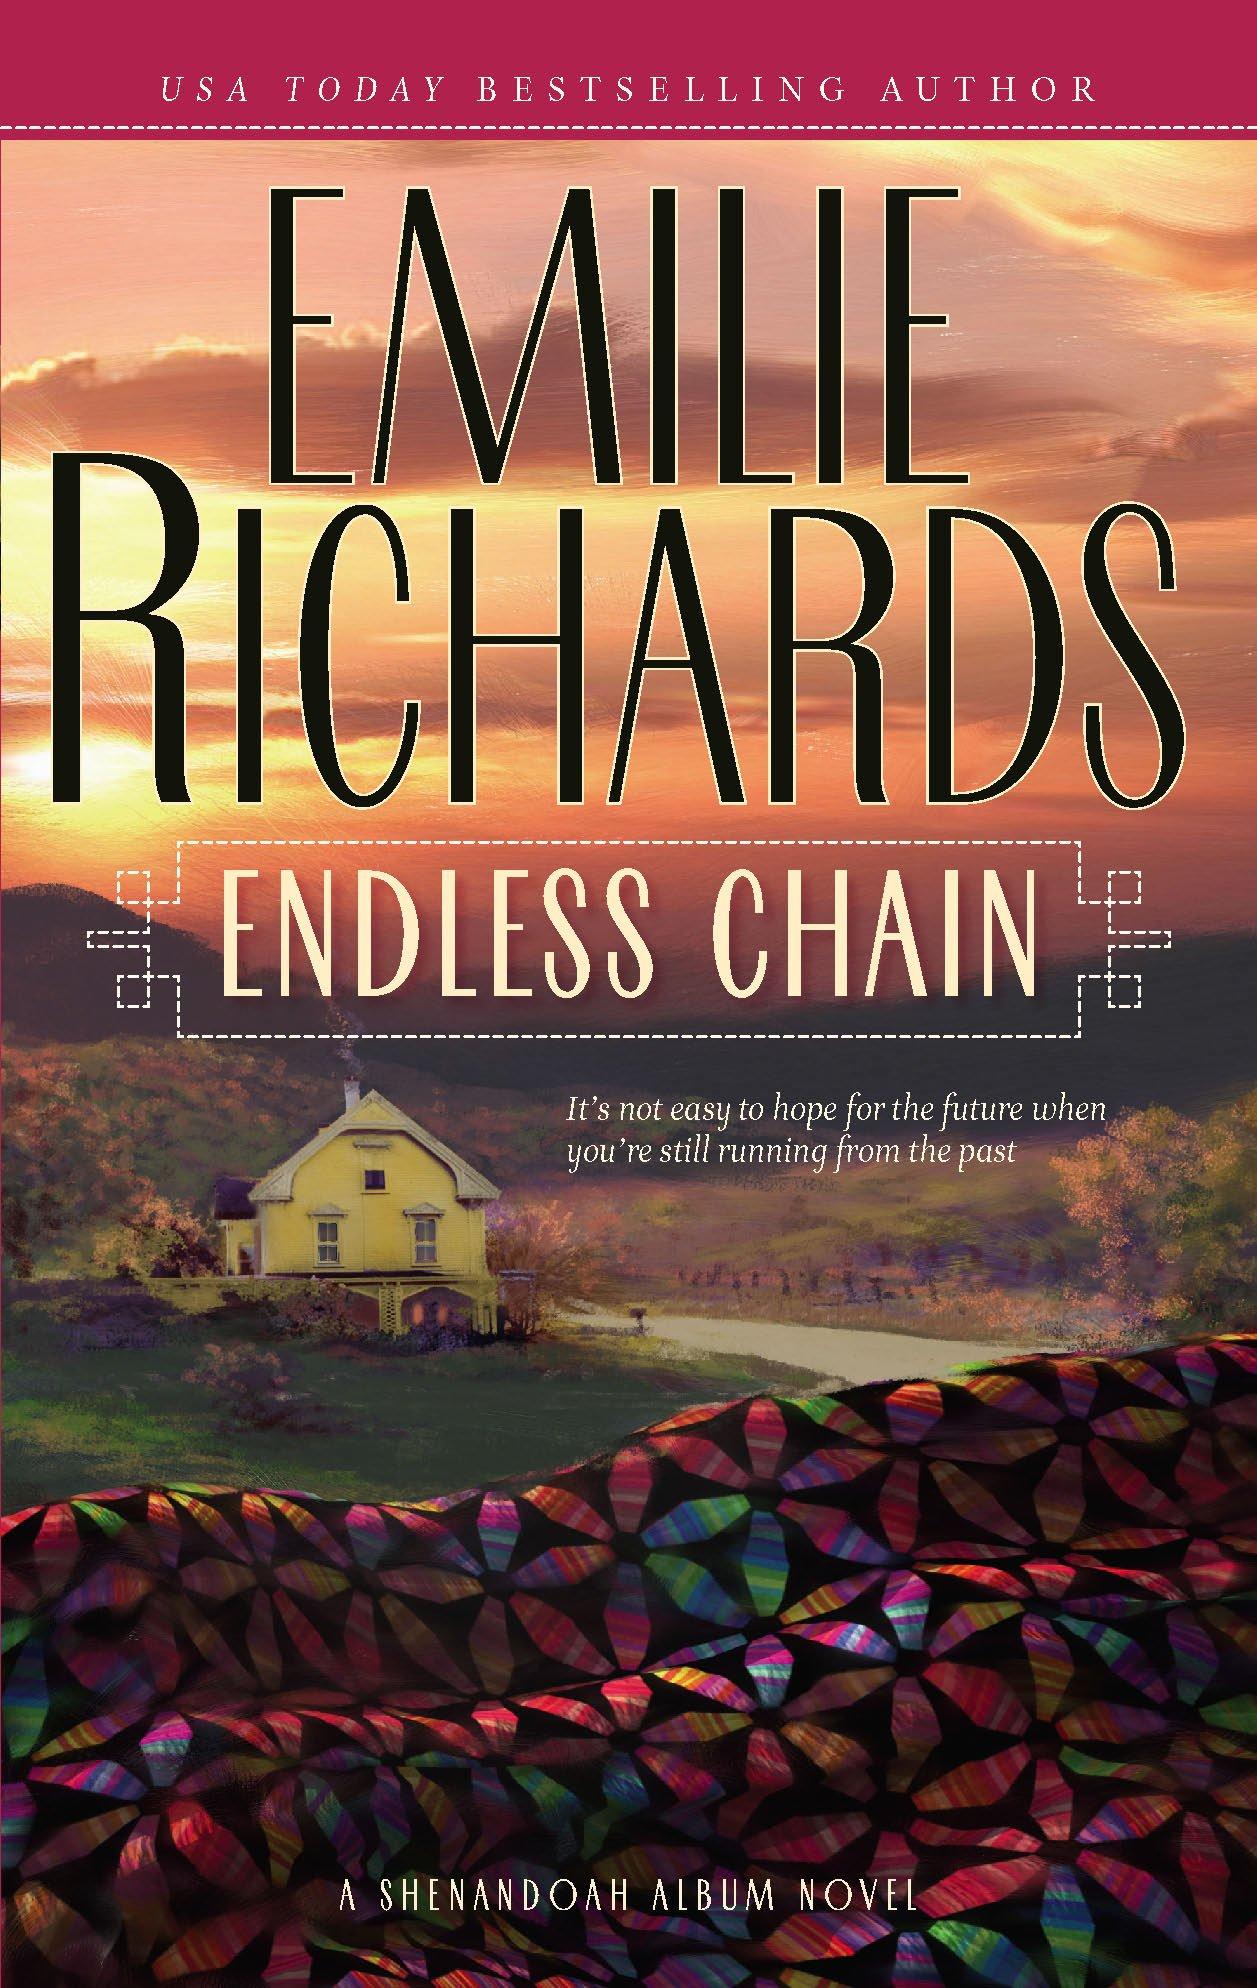 Download Endless Chain (A Shenandoah Album Novel) pdf epub